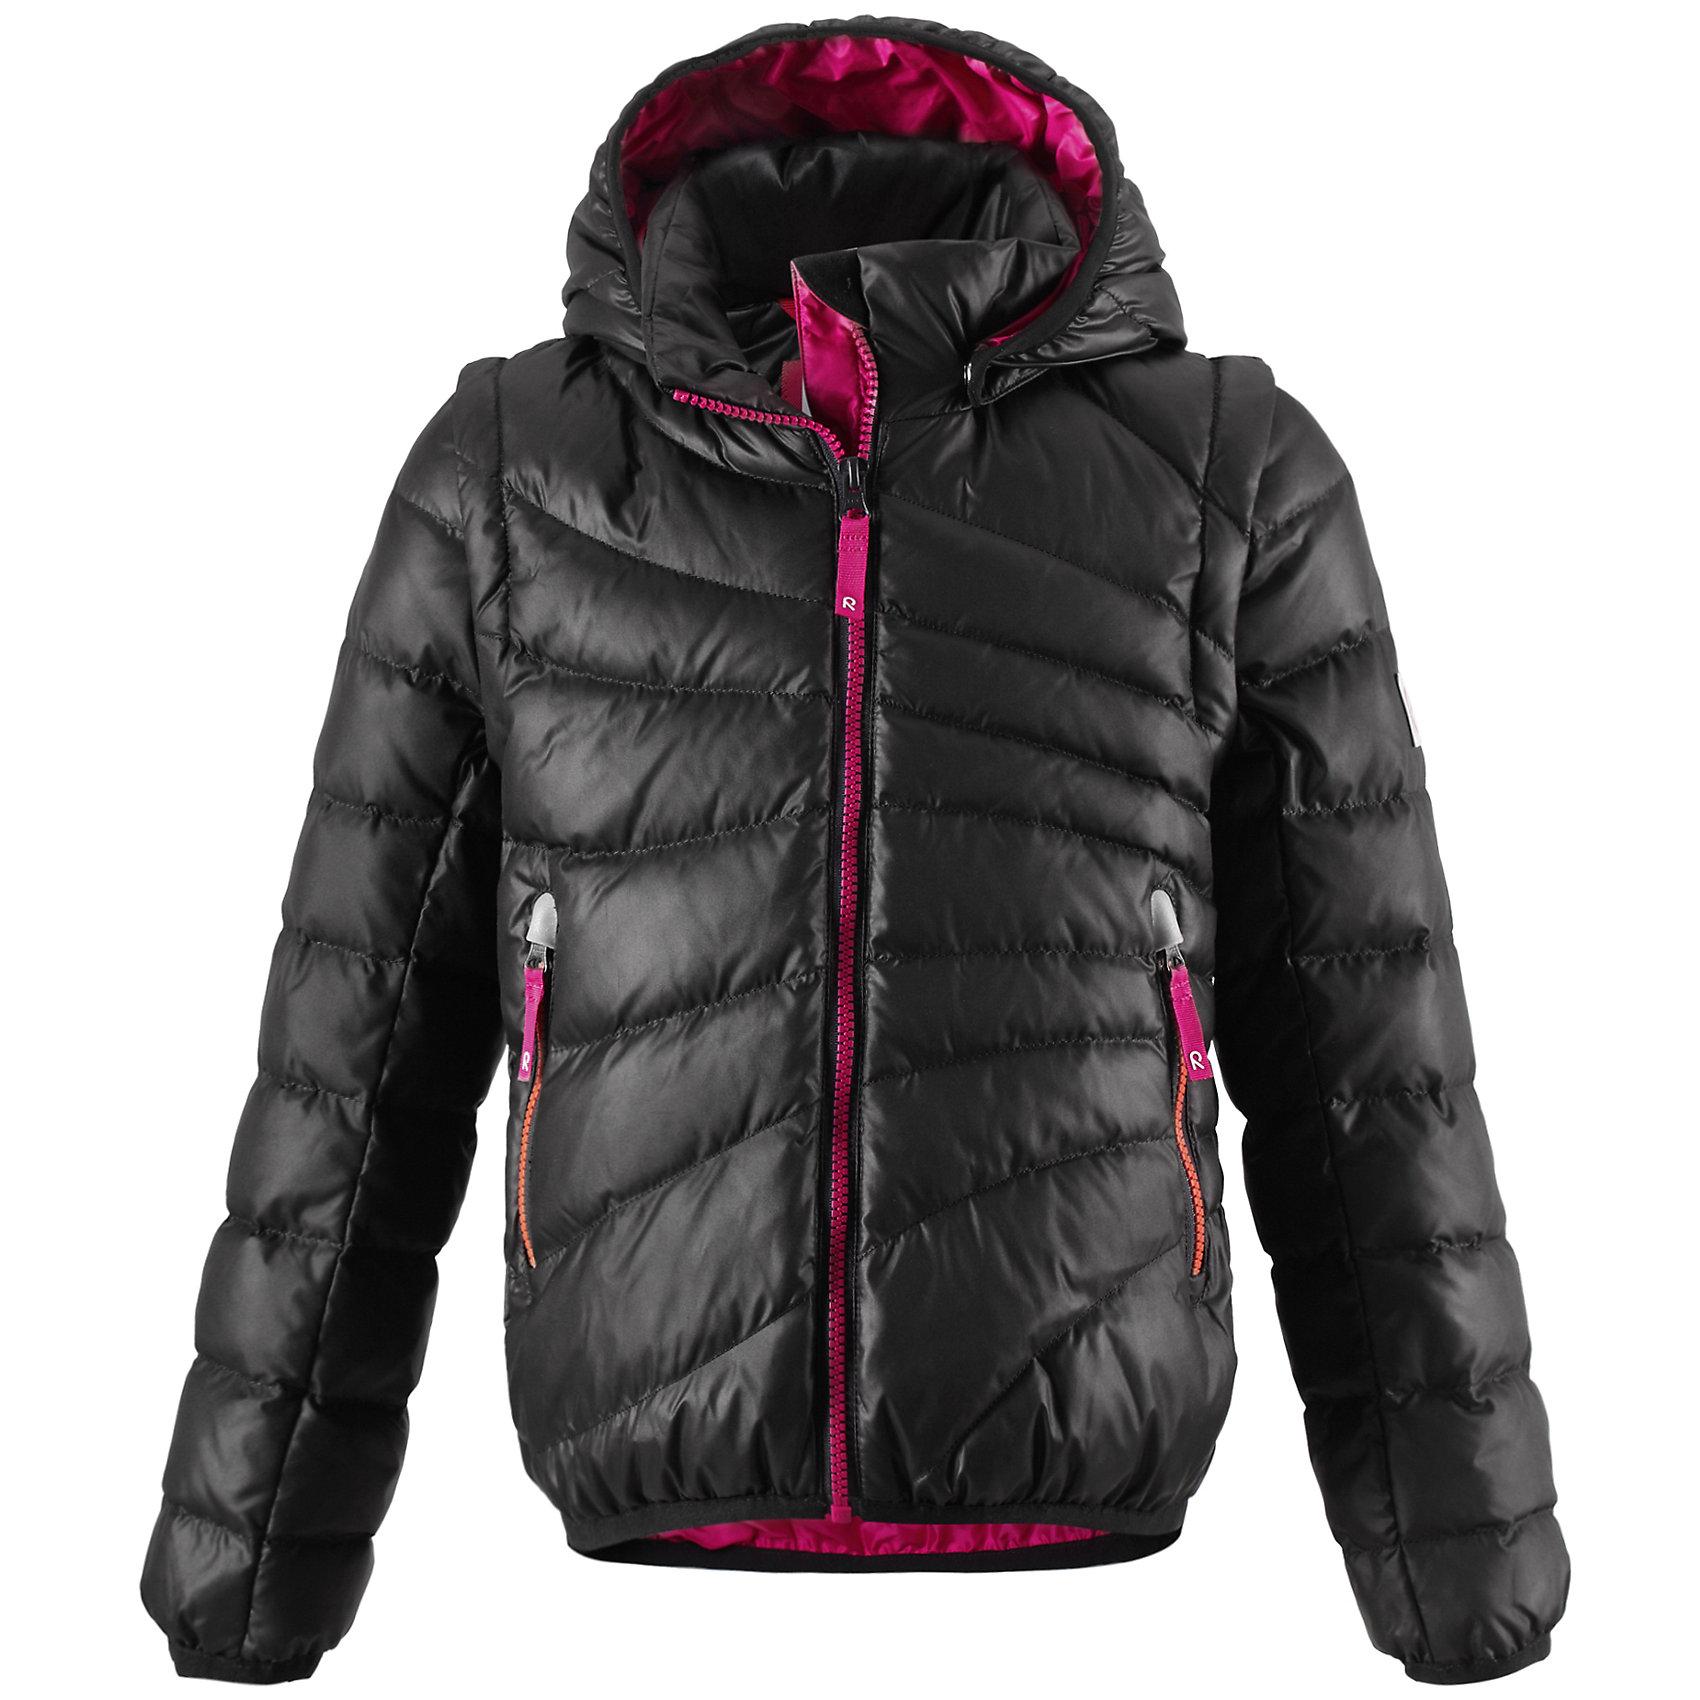 Куртка для девочки ReimaОдежда<br>Лёгкий детский пуховик - замечательный выбор для поздней осени и ранней зимы. Этот стильный пуховик тёплый, но лёгкий, а если погода позволяет, куртка легко трансформируется в пуховой жилет - рукава отстёгиваются при помощи молнии. В тёплые осенние дни рекомендуем надевать под жилет уютный вязаный свитер или флисовую кофту. Капюшон тоже отстёгивается - если закреплённый кнопками капюшон зацепится за что-нибудь, он легко отстегнётся. Передние карманы на молниях подойдут для хранения маленьких ценностей, а молния контрастного цвета завершает стильный образ. Эта приталенная модель для девочек великолепно выглядит на прогулке в городе, в школе или на активном отдыхе.<br><br>Лёгкий пуховик для девочек-подростков<br>Безопасный съёмный регулируемый капюшон <br>Отстёгивающиеся рукава на молниях<br>Эластичный кант на манжетах рукавов и по нижнему краю пуховика<br>Молнии контрастного цвета <br>Два боковых кармана на молниях<br><br>Состав:<br>100% ПЭ<br>Средняя степень утепления (до - 20)<br>Утеплитель: пух<br><br>Куртку для девочки Reima (Рейма) можно купить в нашем магазине.<br><br>Ширина мм: 356<br>Глубина мм: 10<br>Высота мм: 245<br>Вес г: 519<br>Цвет: черный<br>Возраст от месяцев: 48<br>Возраст до месяцев: 60<br>Пол: Женский<br>Возраст: Детский<br>Размер: 104,110,128,140,164,146,134,122,116<br>SKU: 4209002